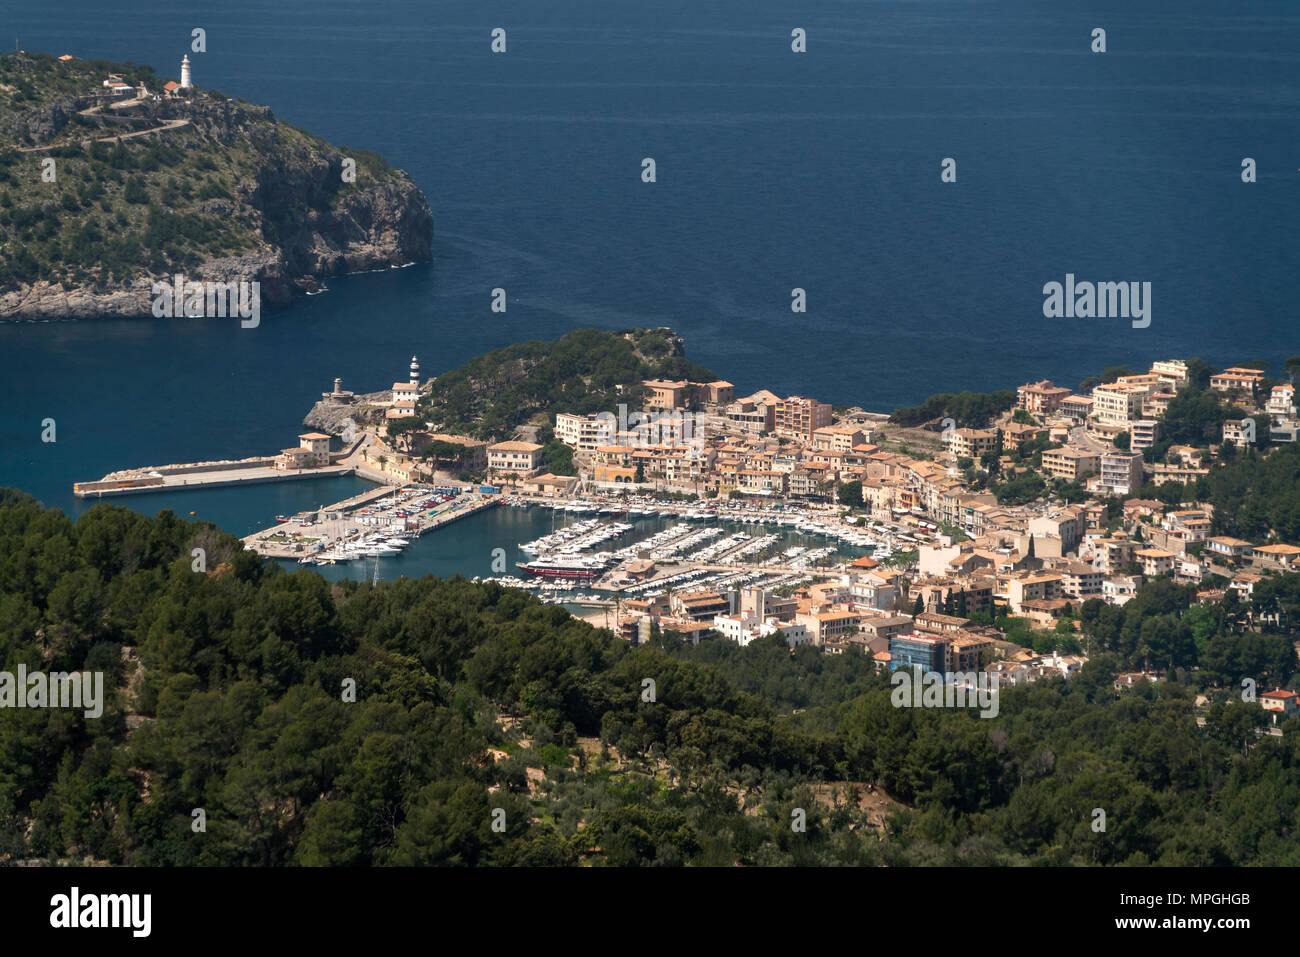 Blick vom Mirador de Ses Barques auf Port de Soller und die Küste, Mallorca, Balearen, Spanien  | View from Mirador de Ses Barques to Port de Soller,  - Stock Image